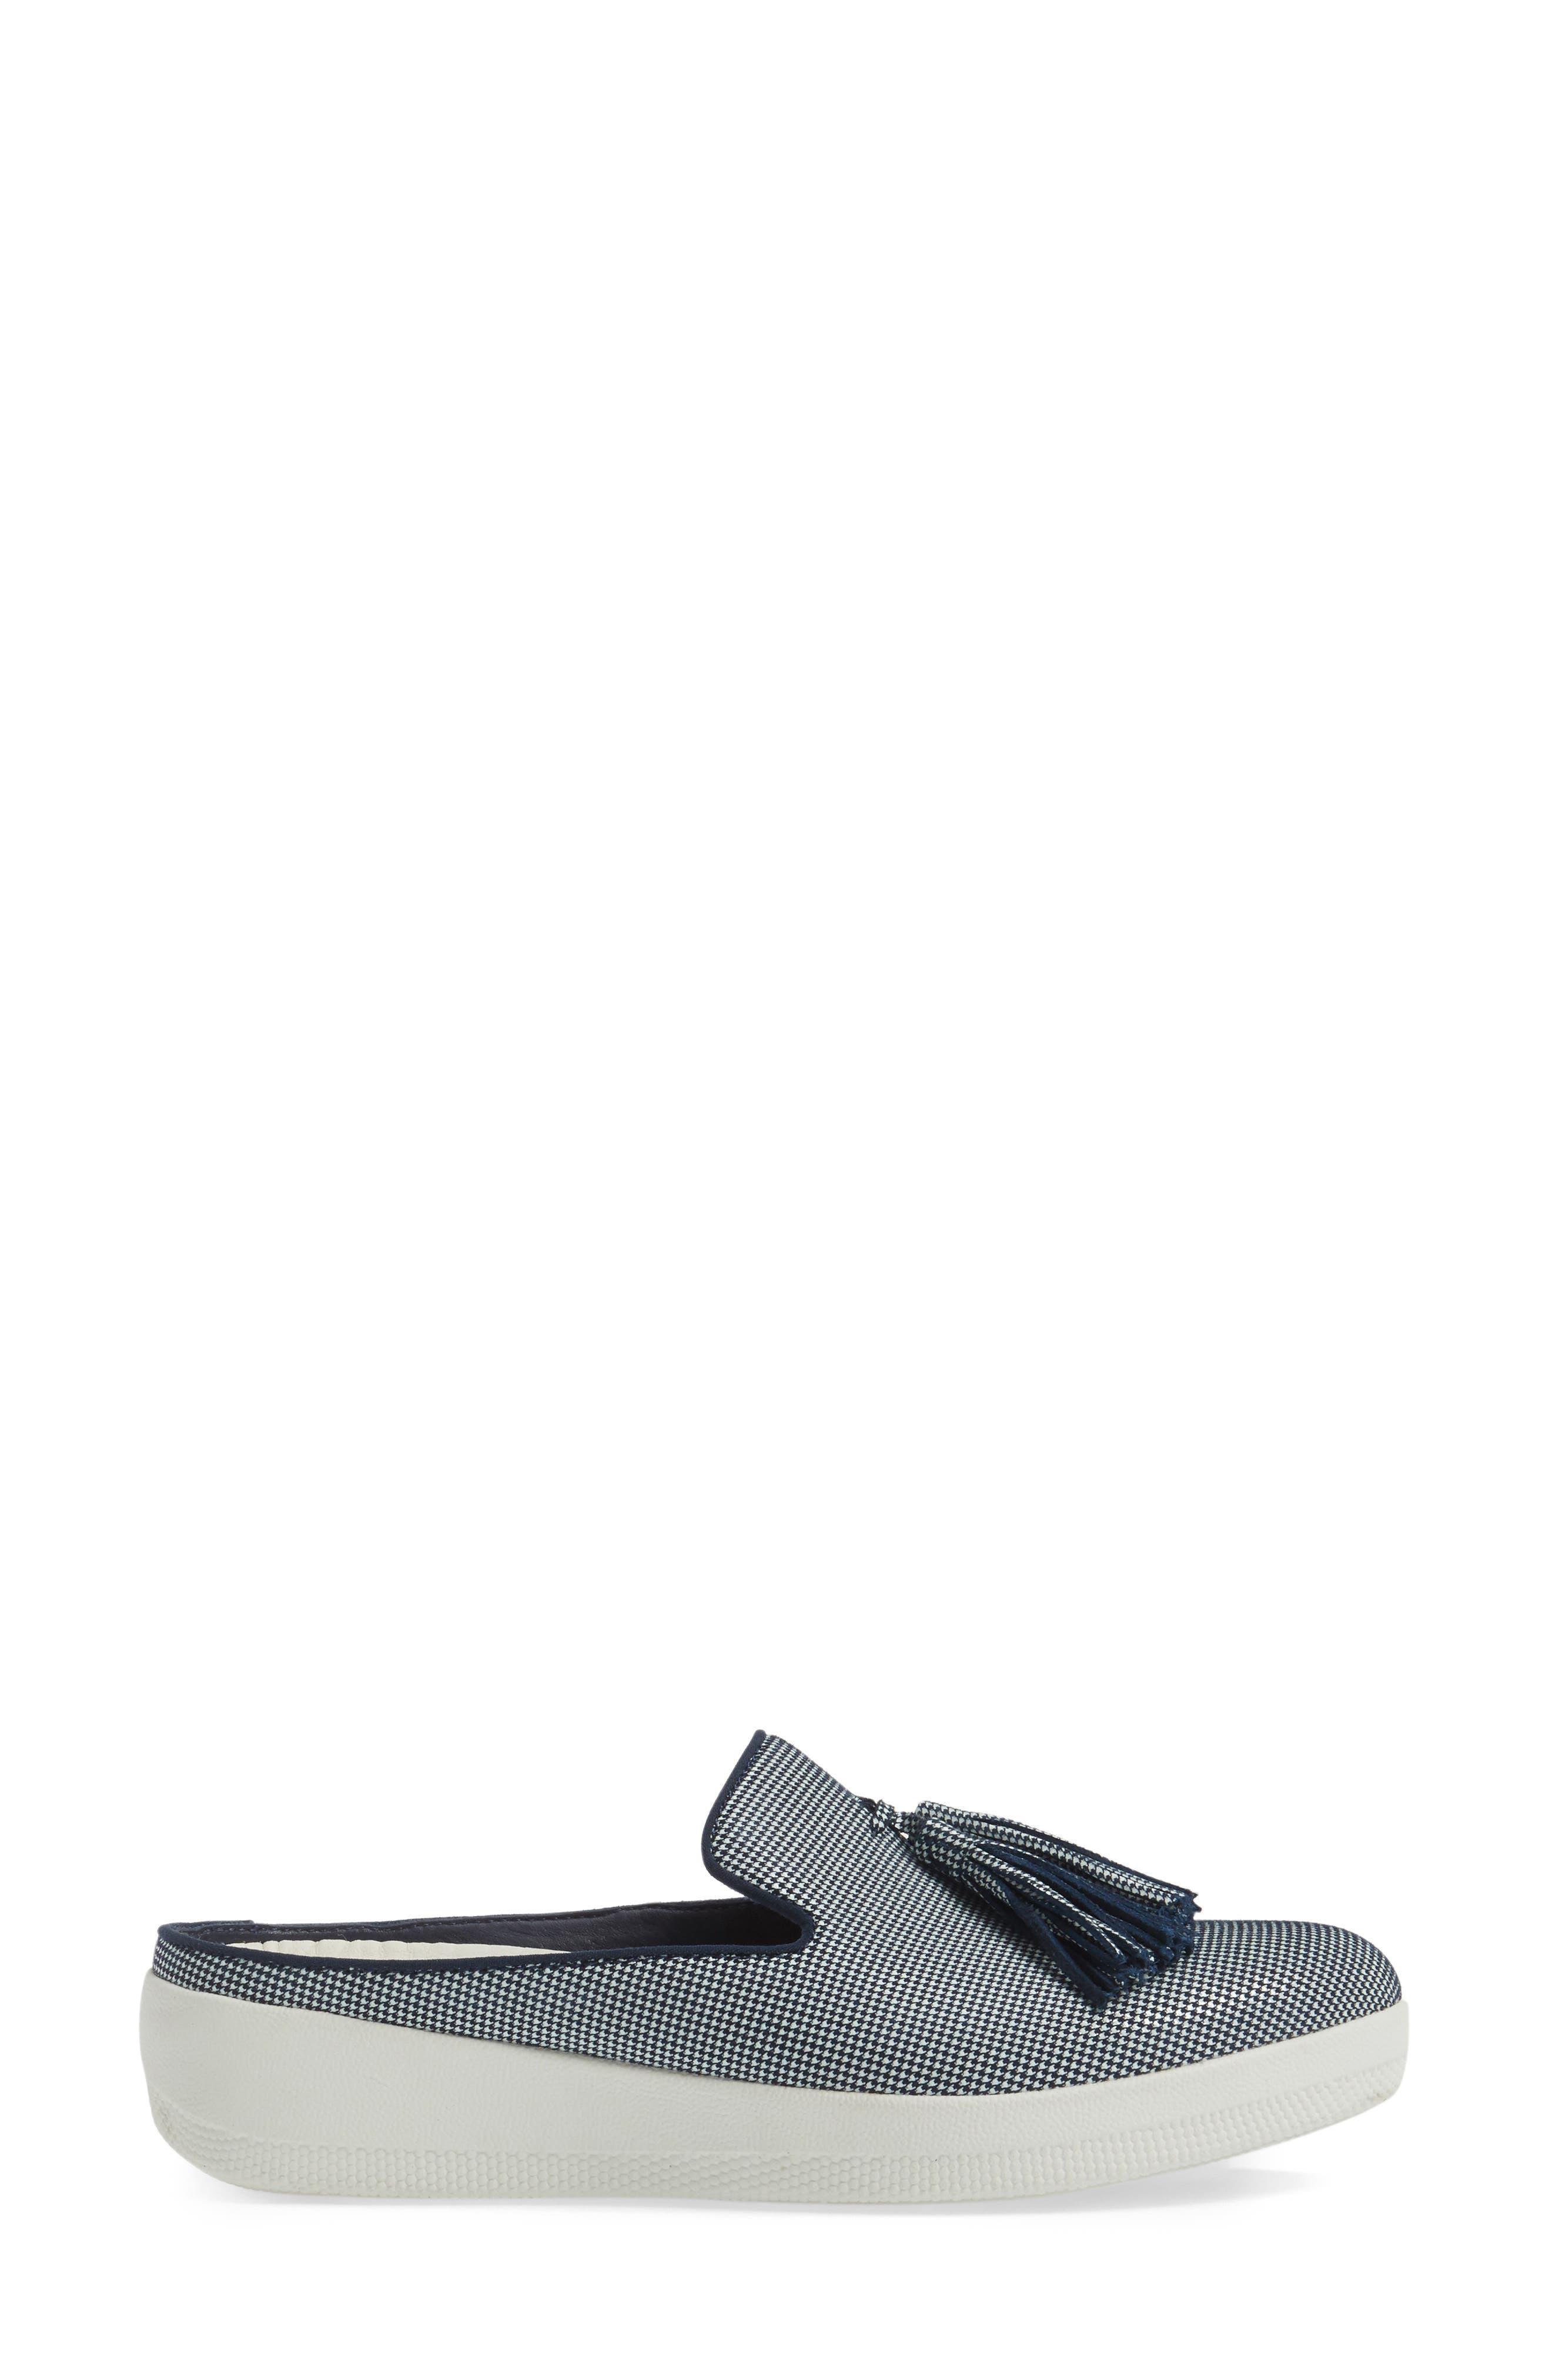 Superskate Slip-On Sneaker,                             Alternate thumbnail 11, color,